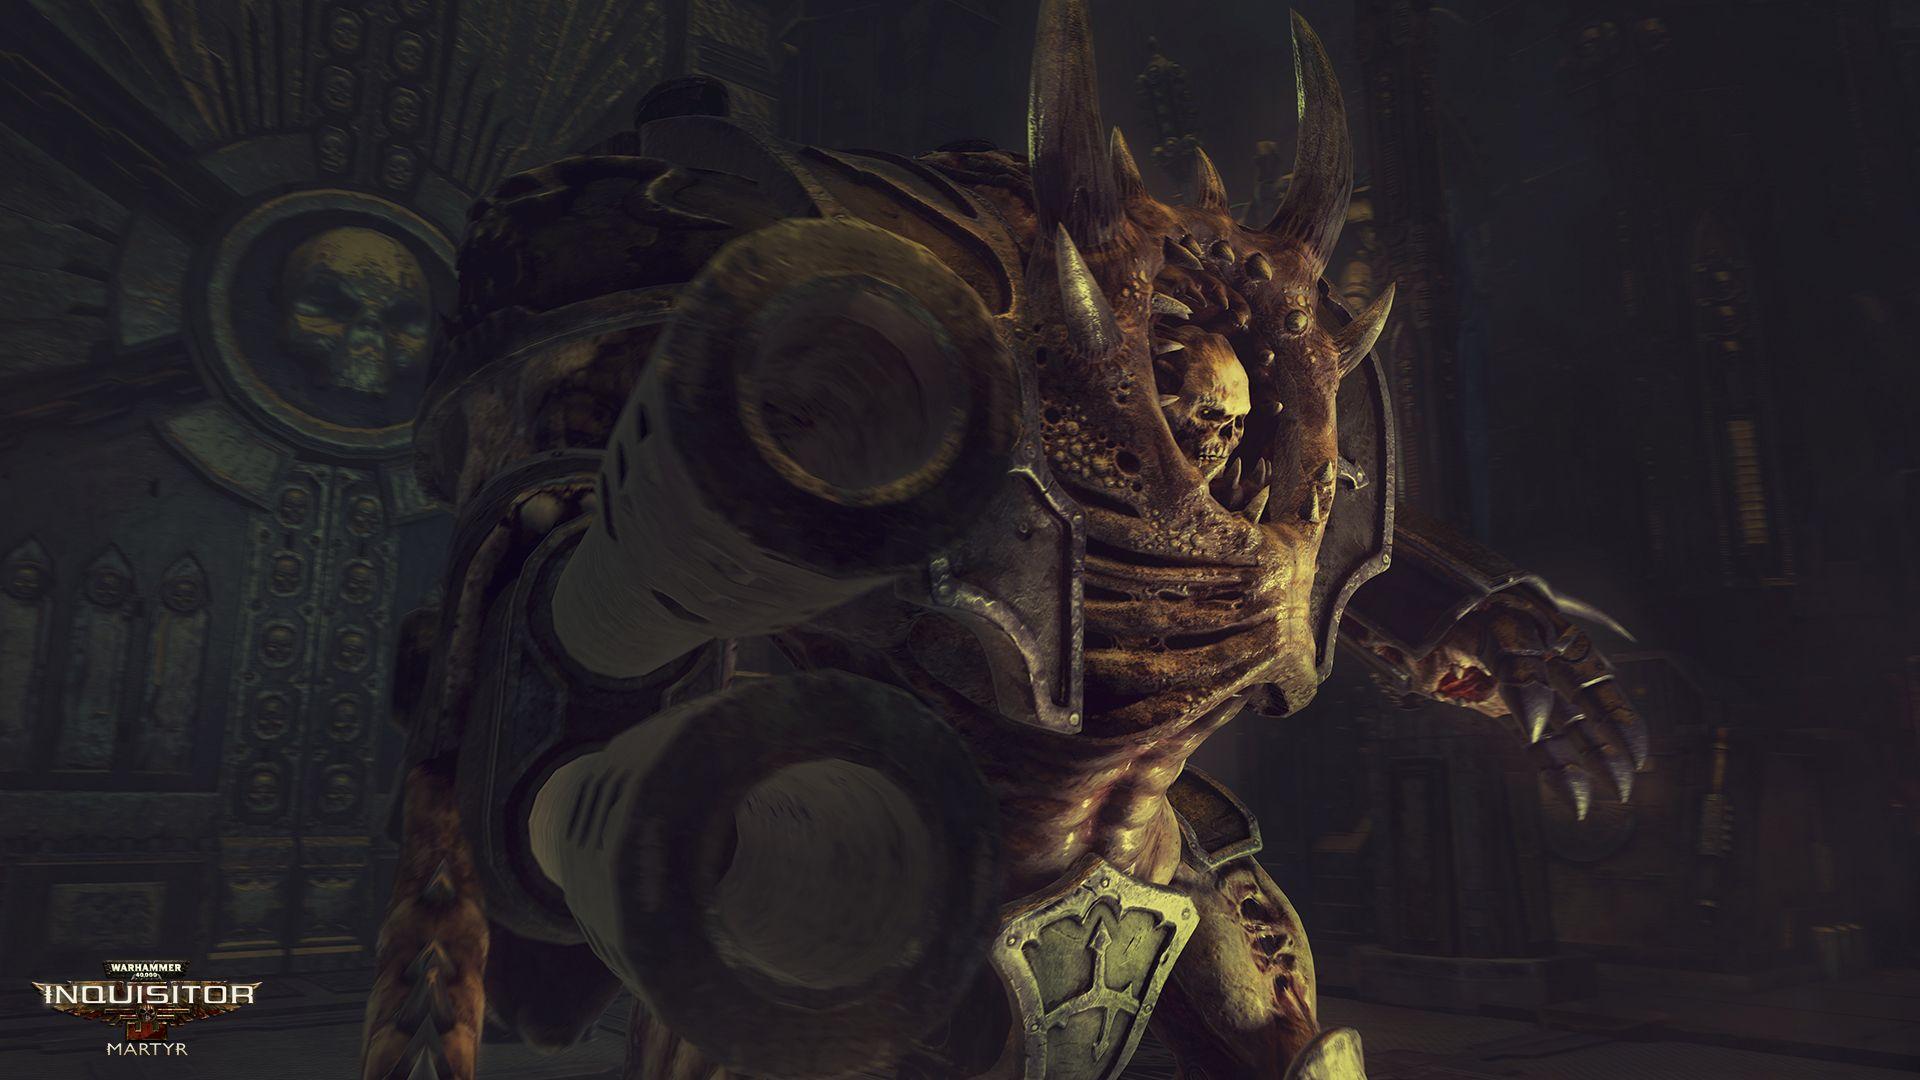 K životu se probouzí diablovka ze světa Warhammeru 40K 126187